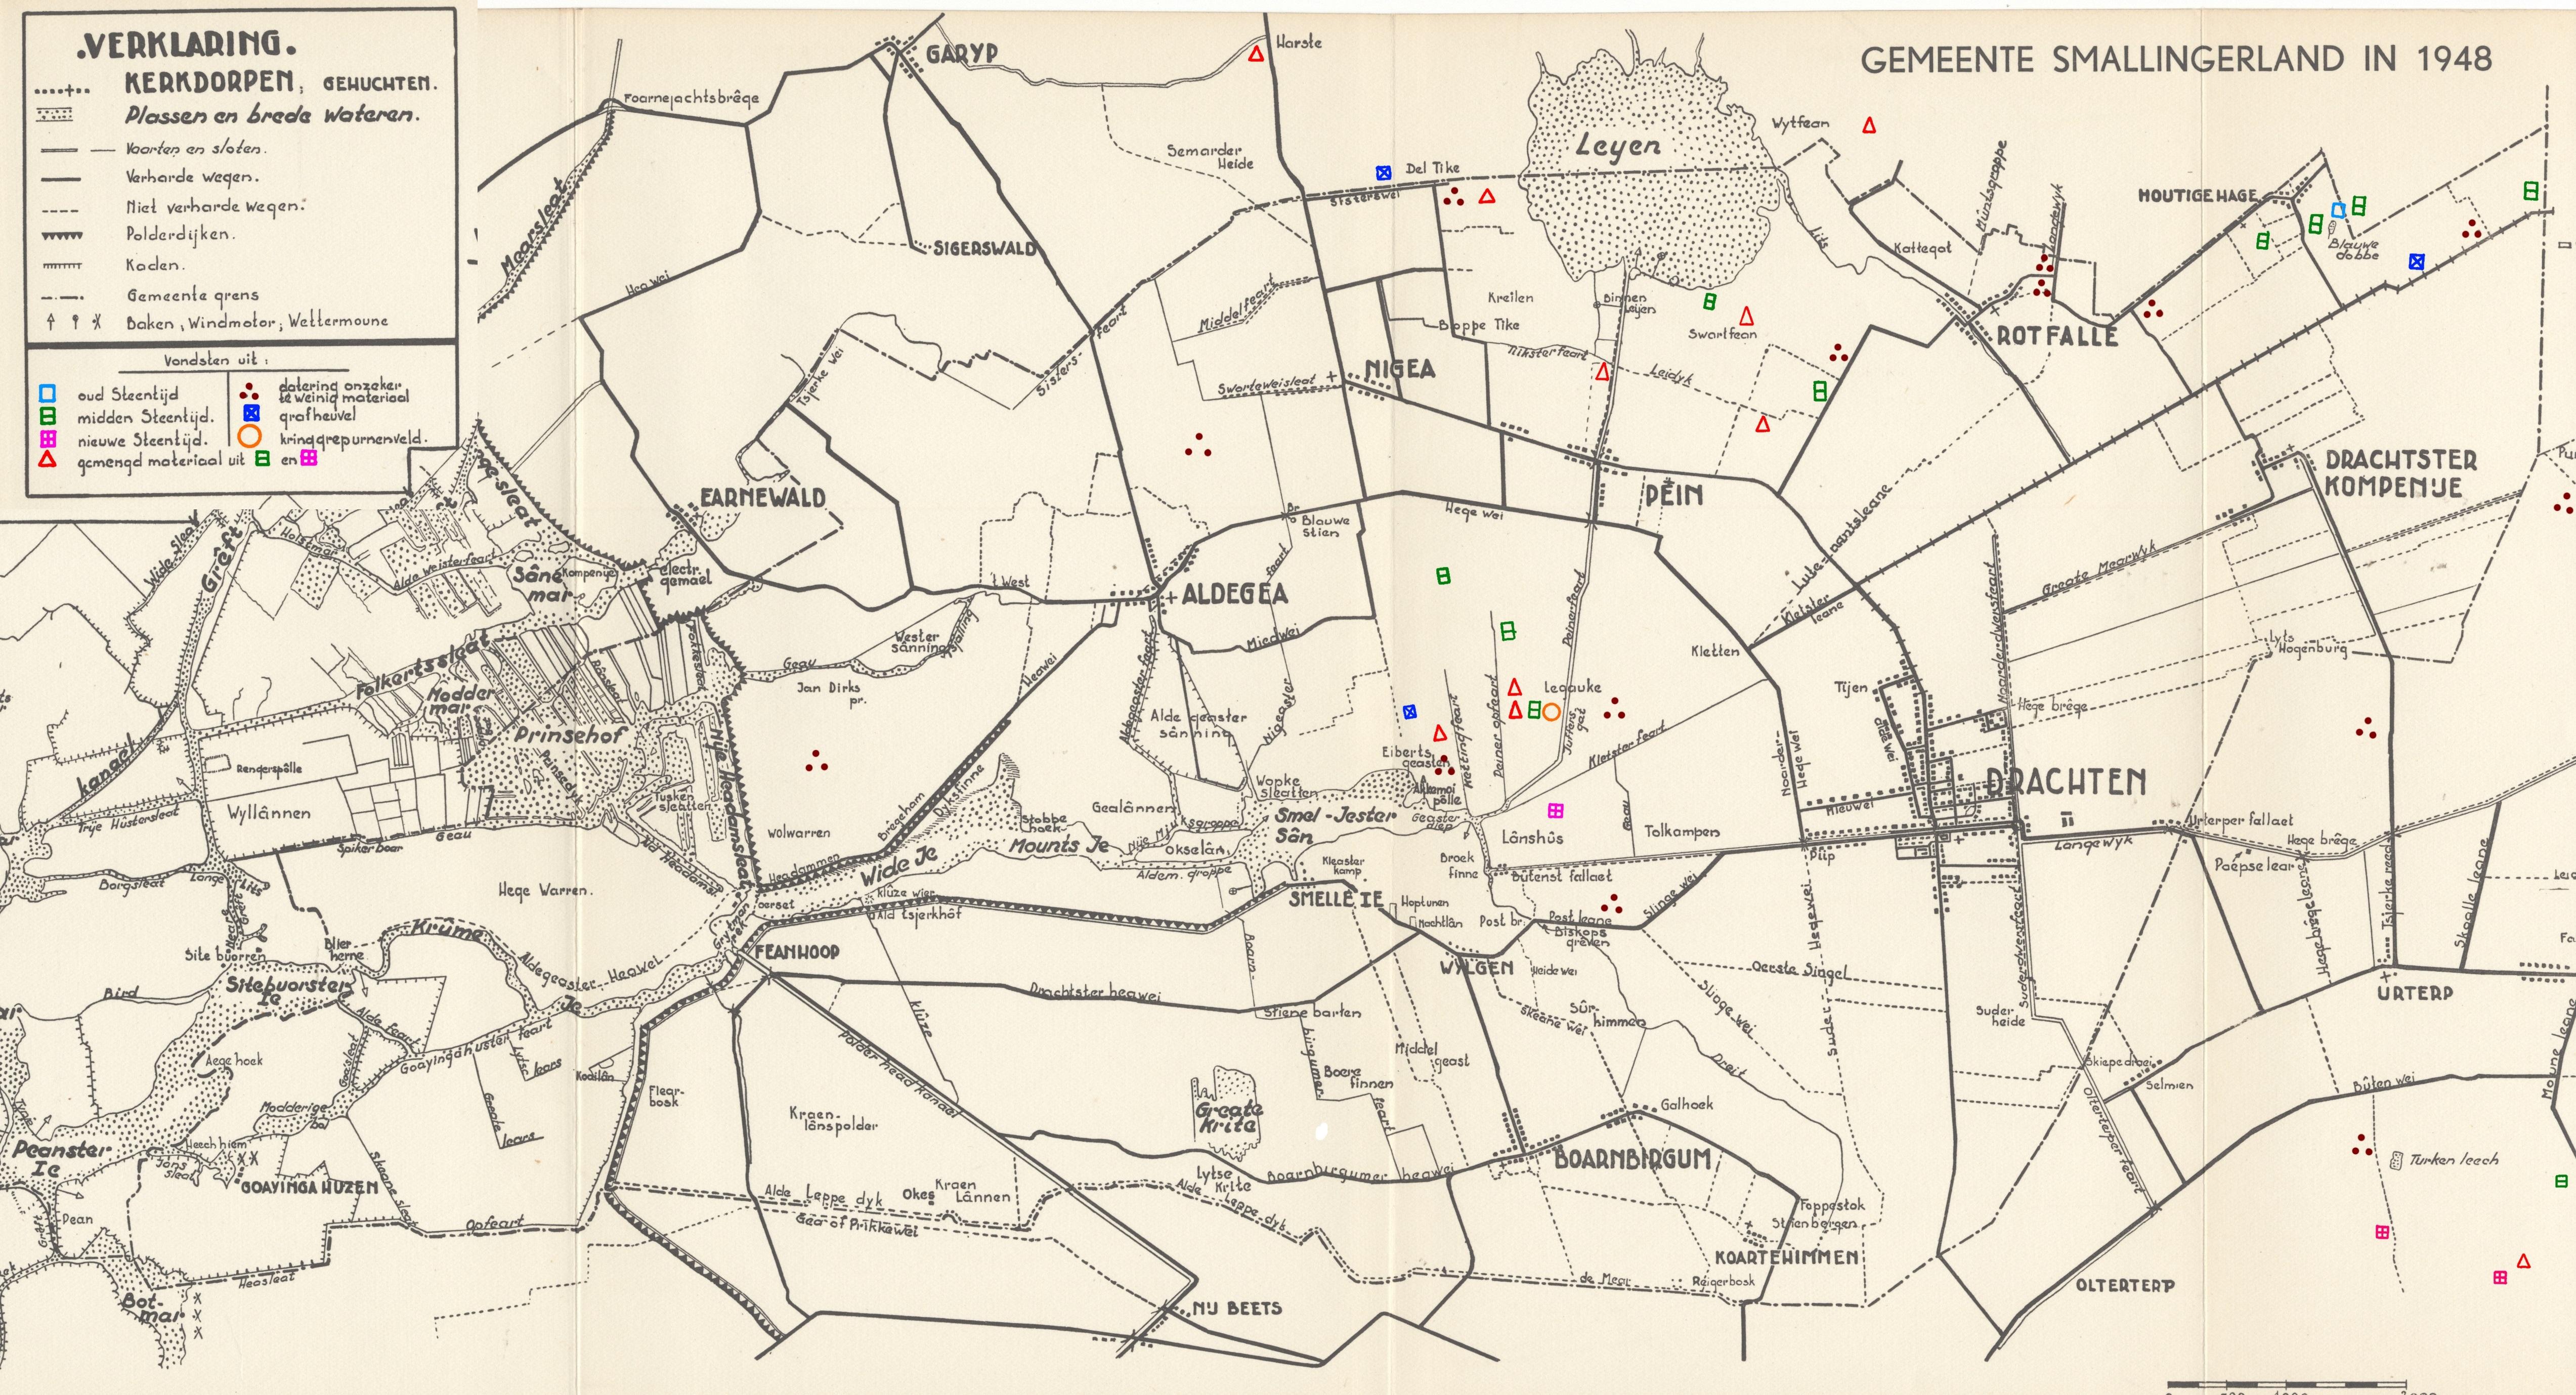 Archeologische vondstenkaart van Smallingerland door dr. Siebinga (1948). Klikken is vergroten.